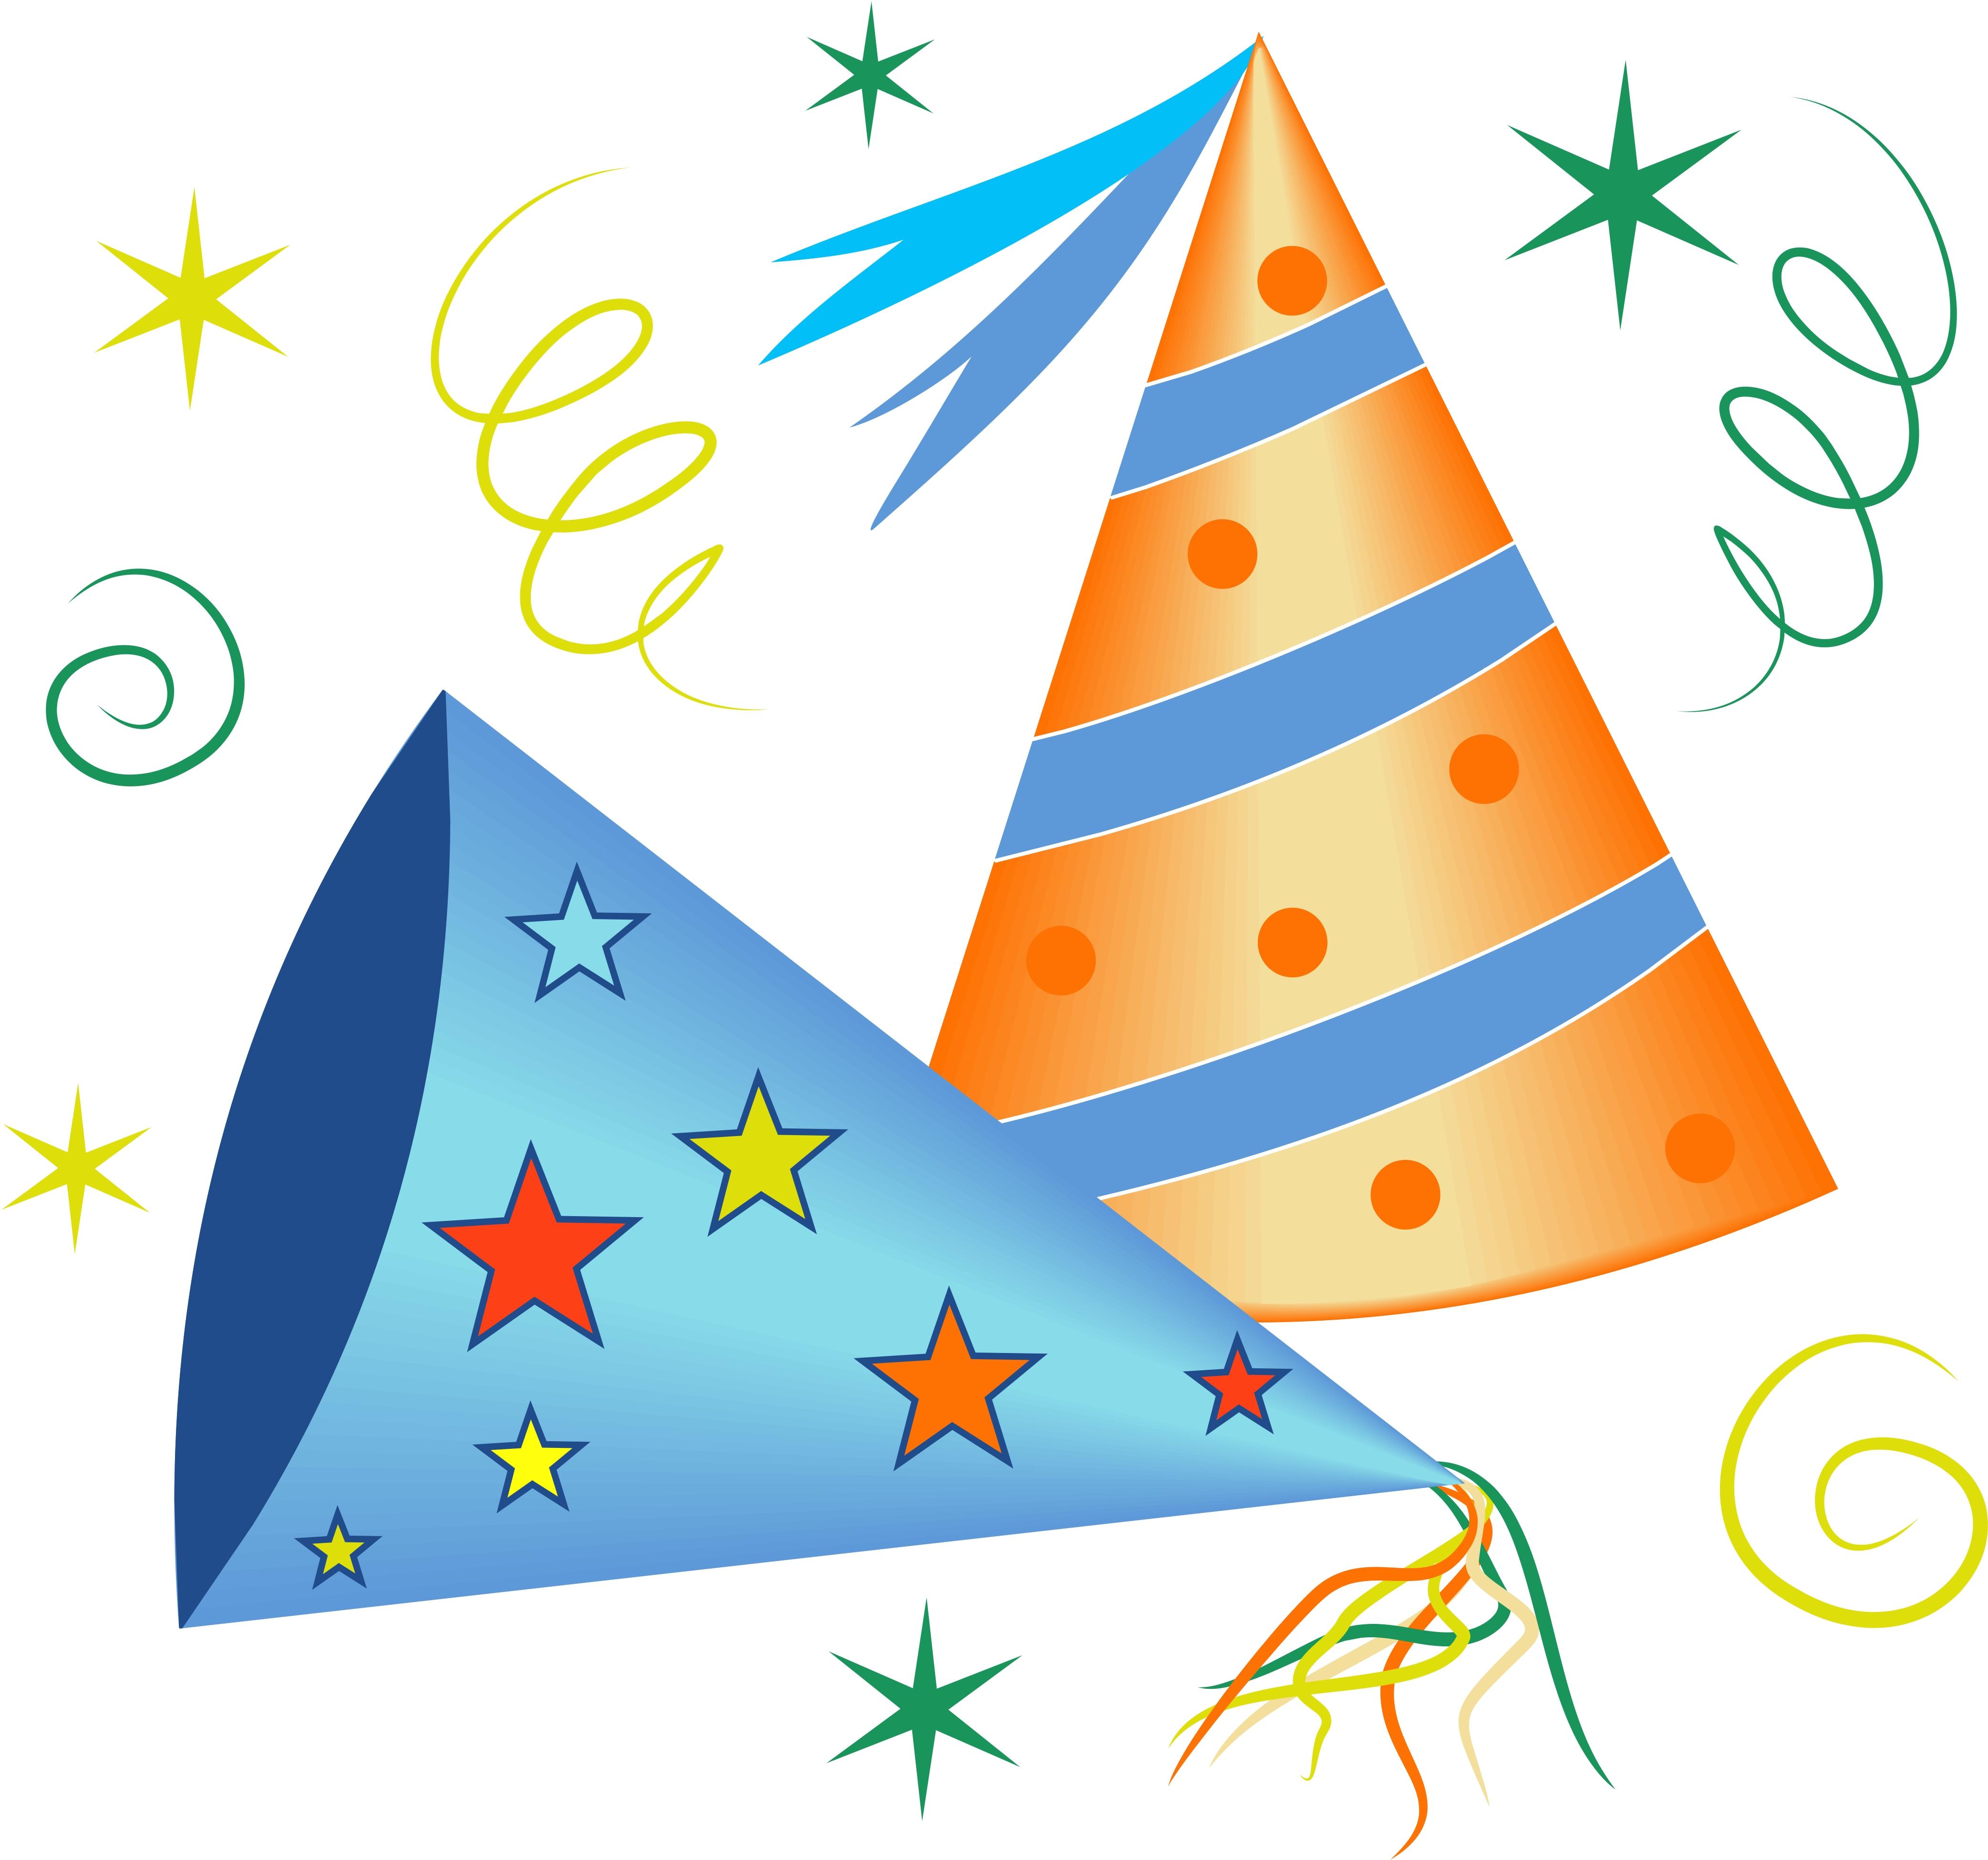 4169x3900 Celebration Clip Art Free Clipart Images 10